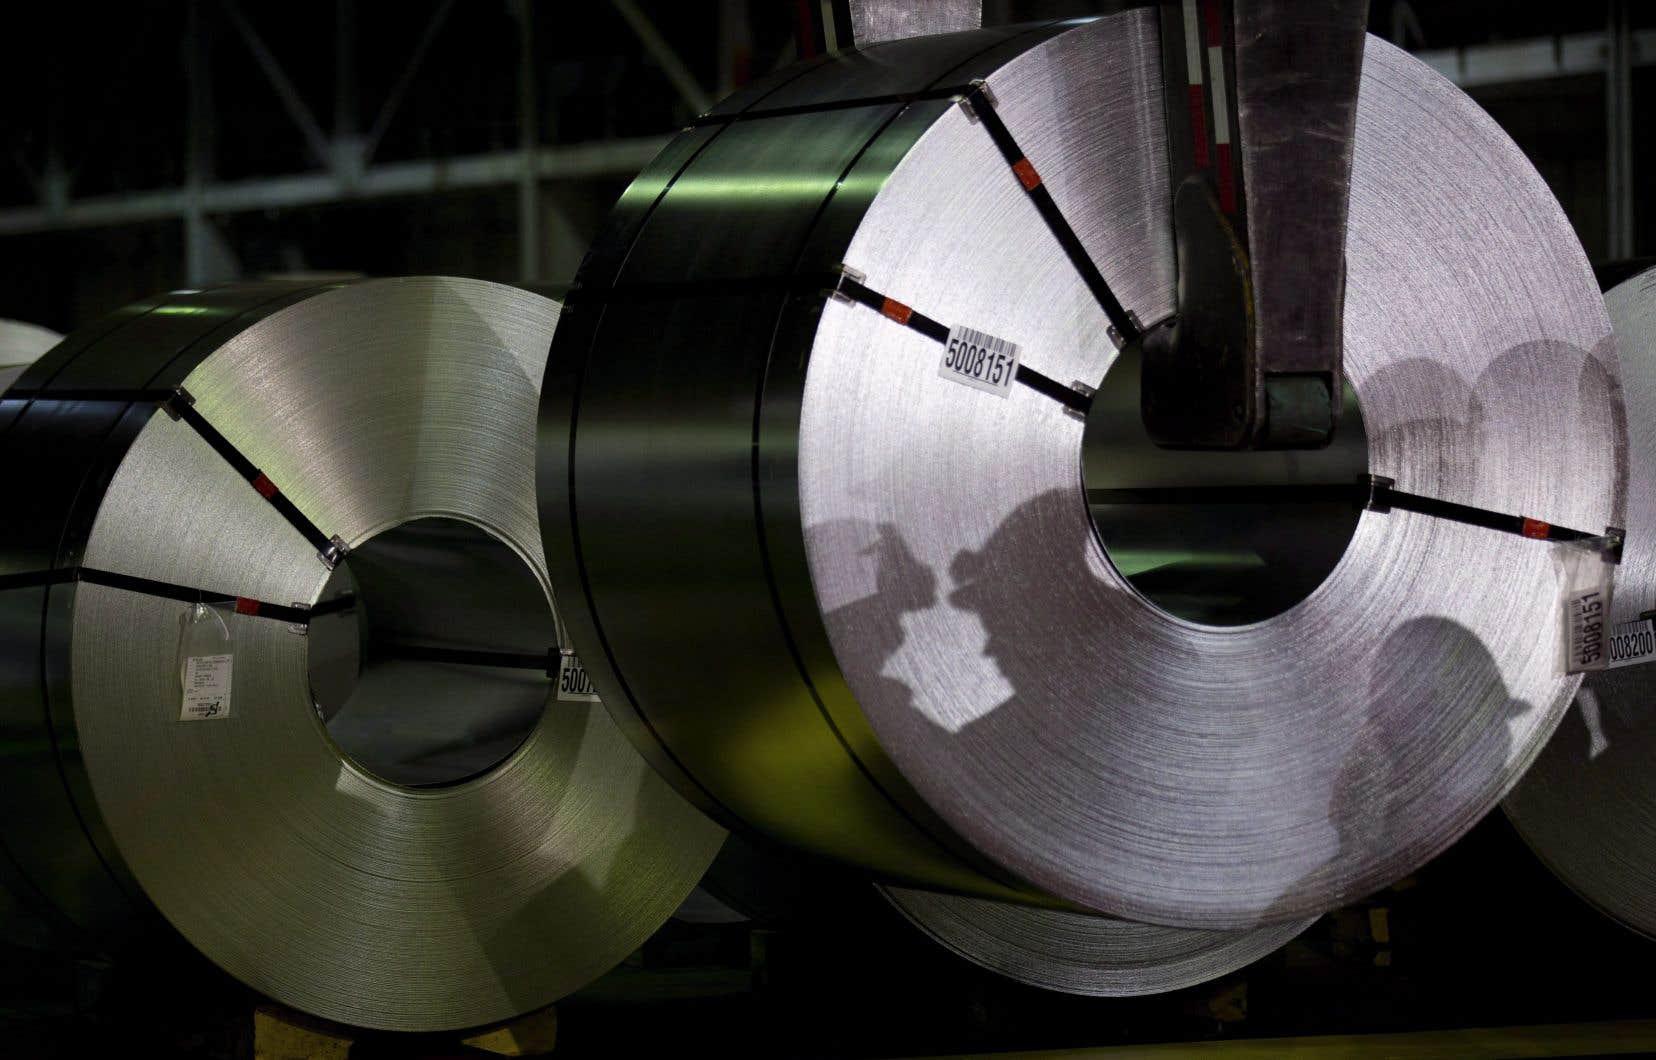 Le gouvernement Couillard a annoncé son plan visant à aider les entreprises québécoises touchées par l'imposition des tarifs douaniers américains dans les secteurs de l'acier et de l'aluminium.